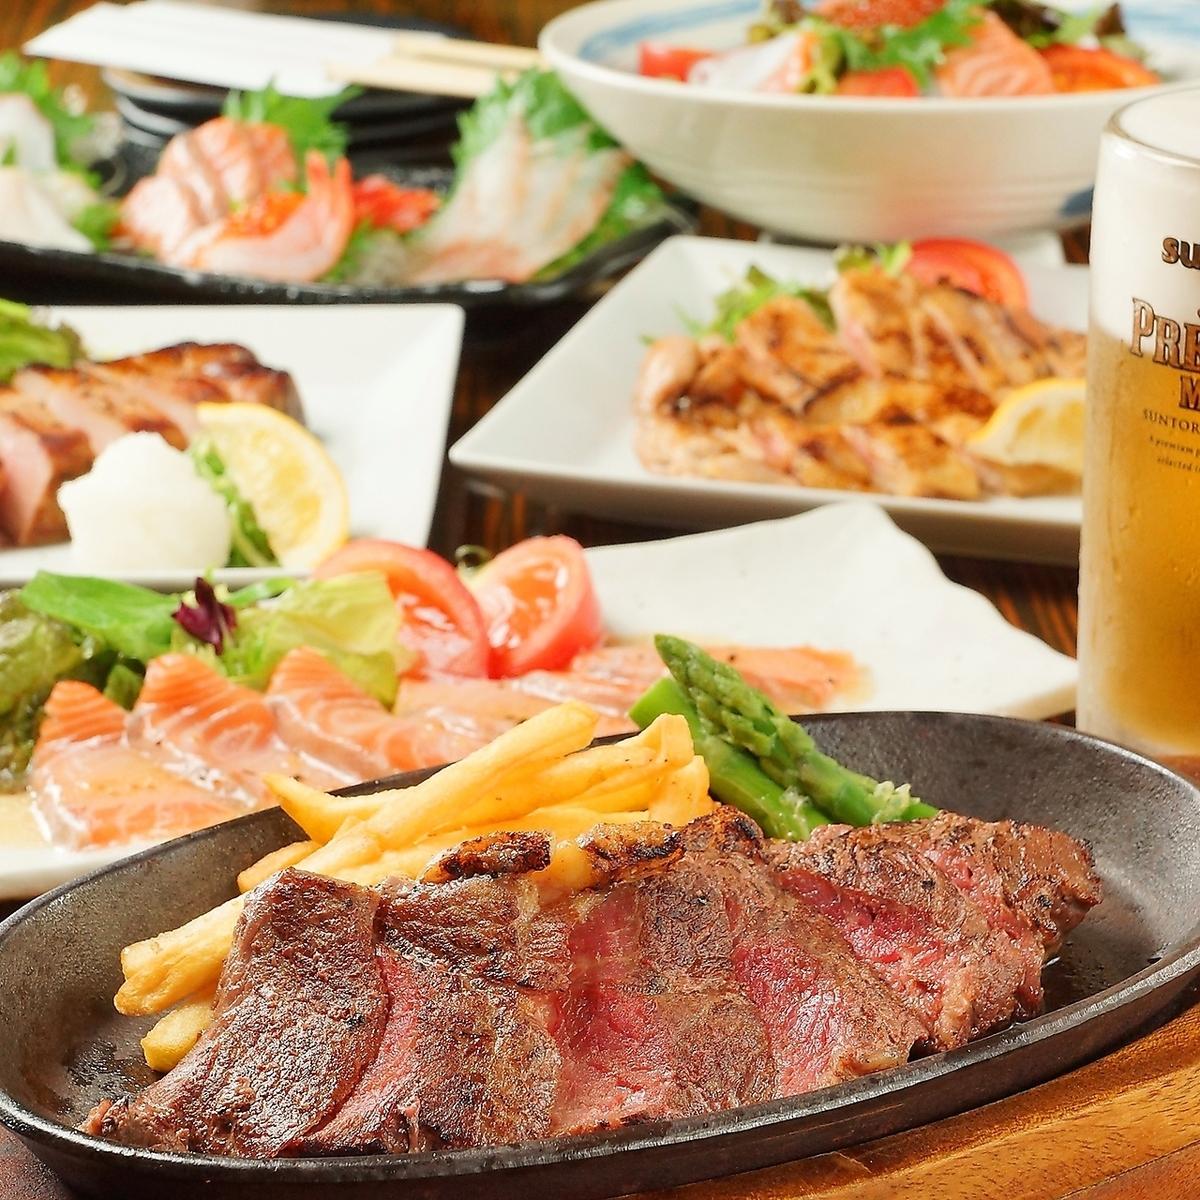 您可以享用丰盛的饮料和美食!您可以享用无限畅饮的饮品